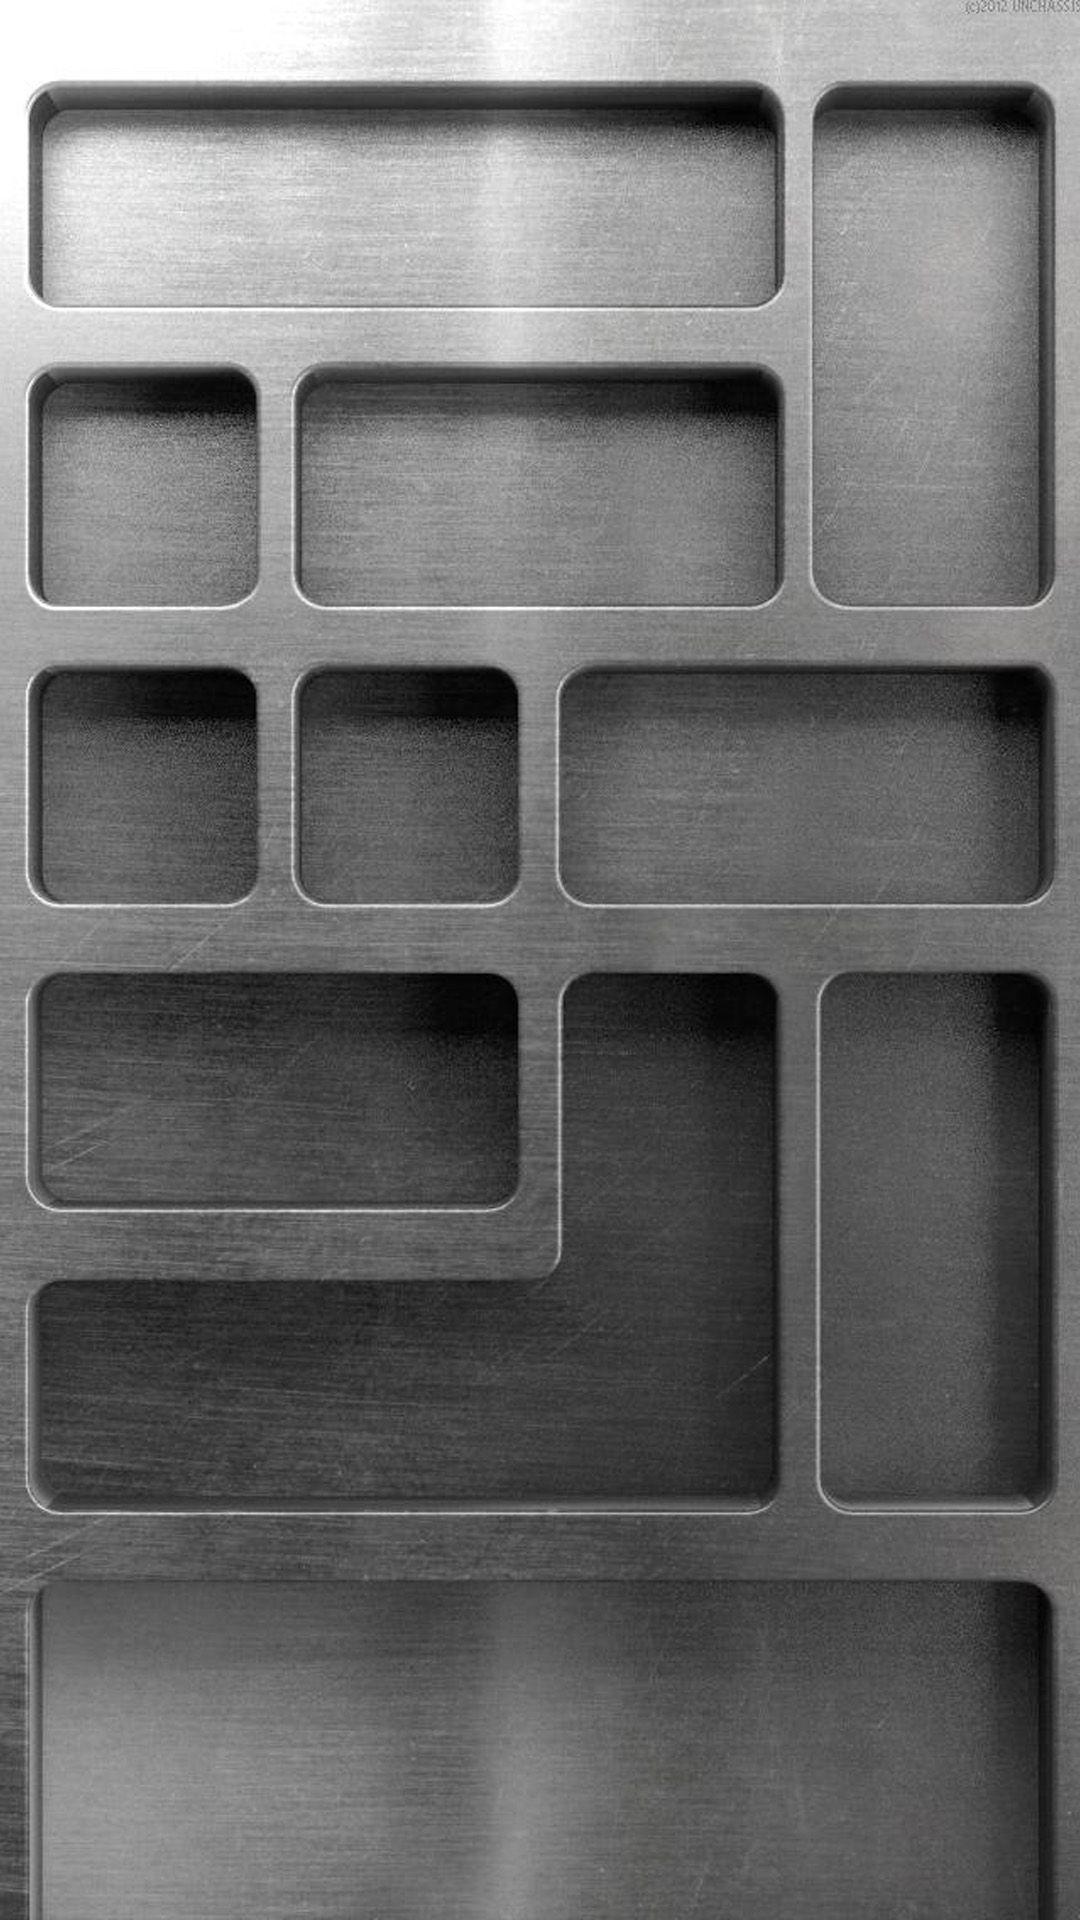 金属を削りだしたようなかっこいいiphone壁紙 Iphonex スマホ壁紙 待受画像ギャラリー スマホ壁紙 Iphone8 壁紙 黒の壁紙